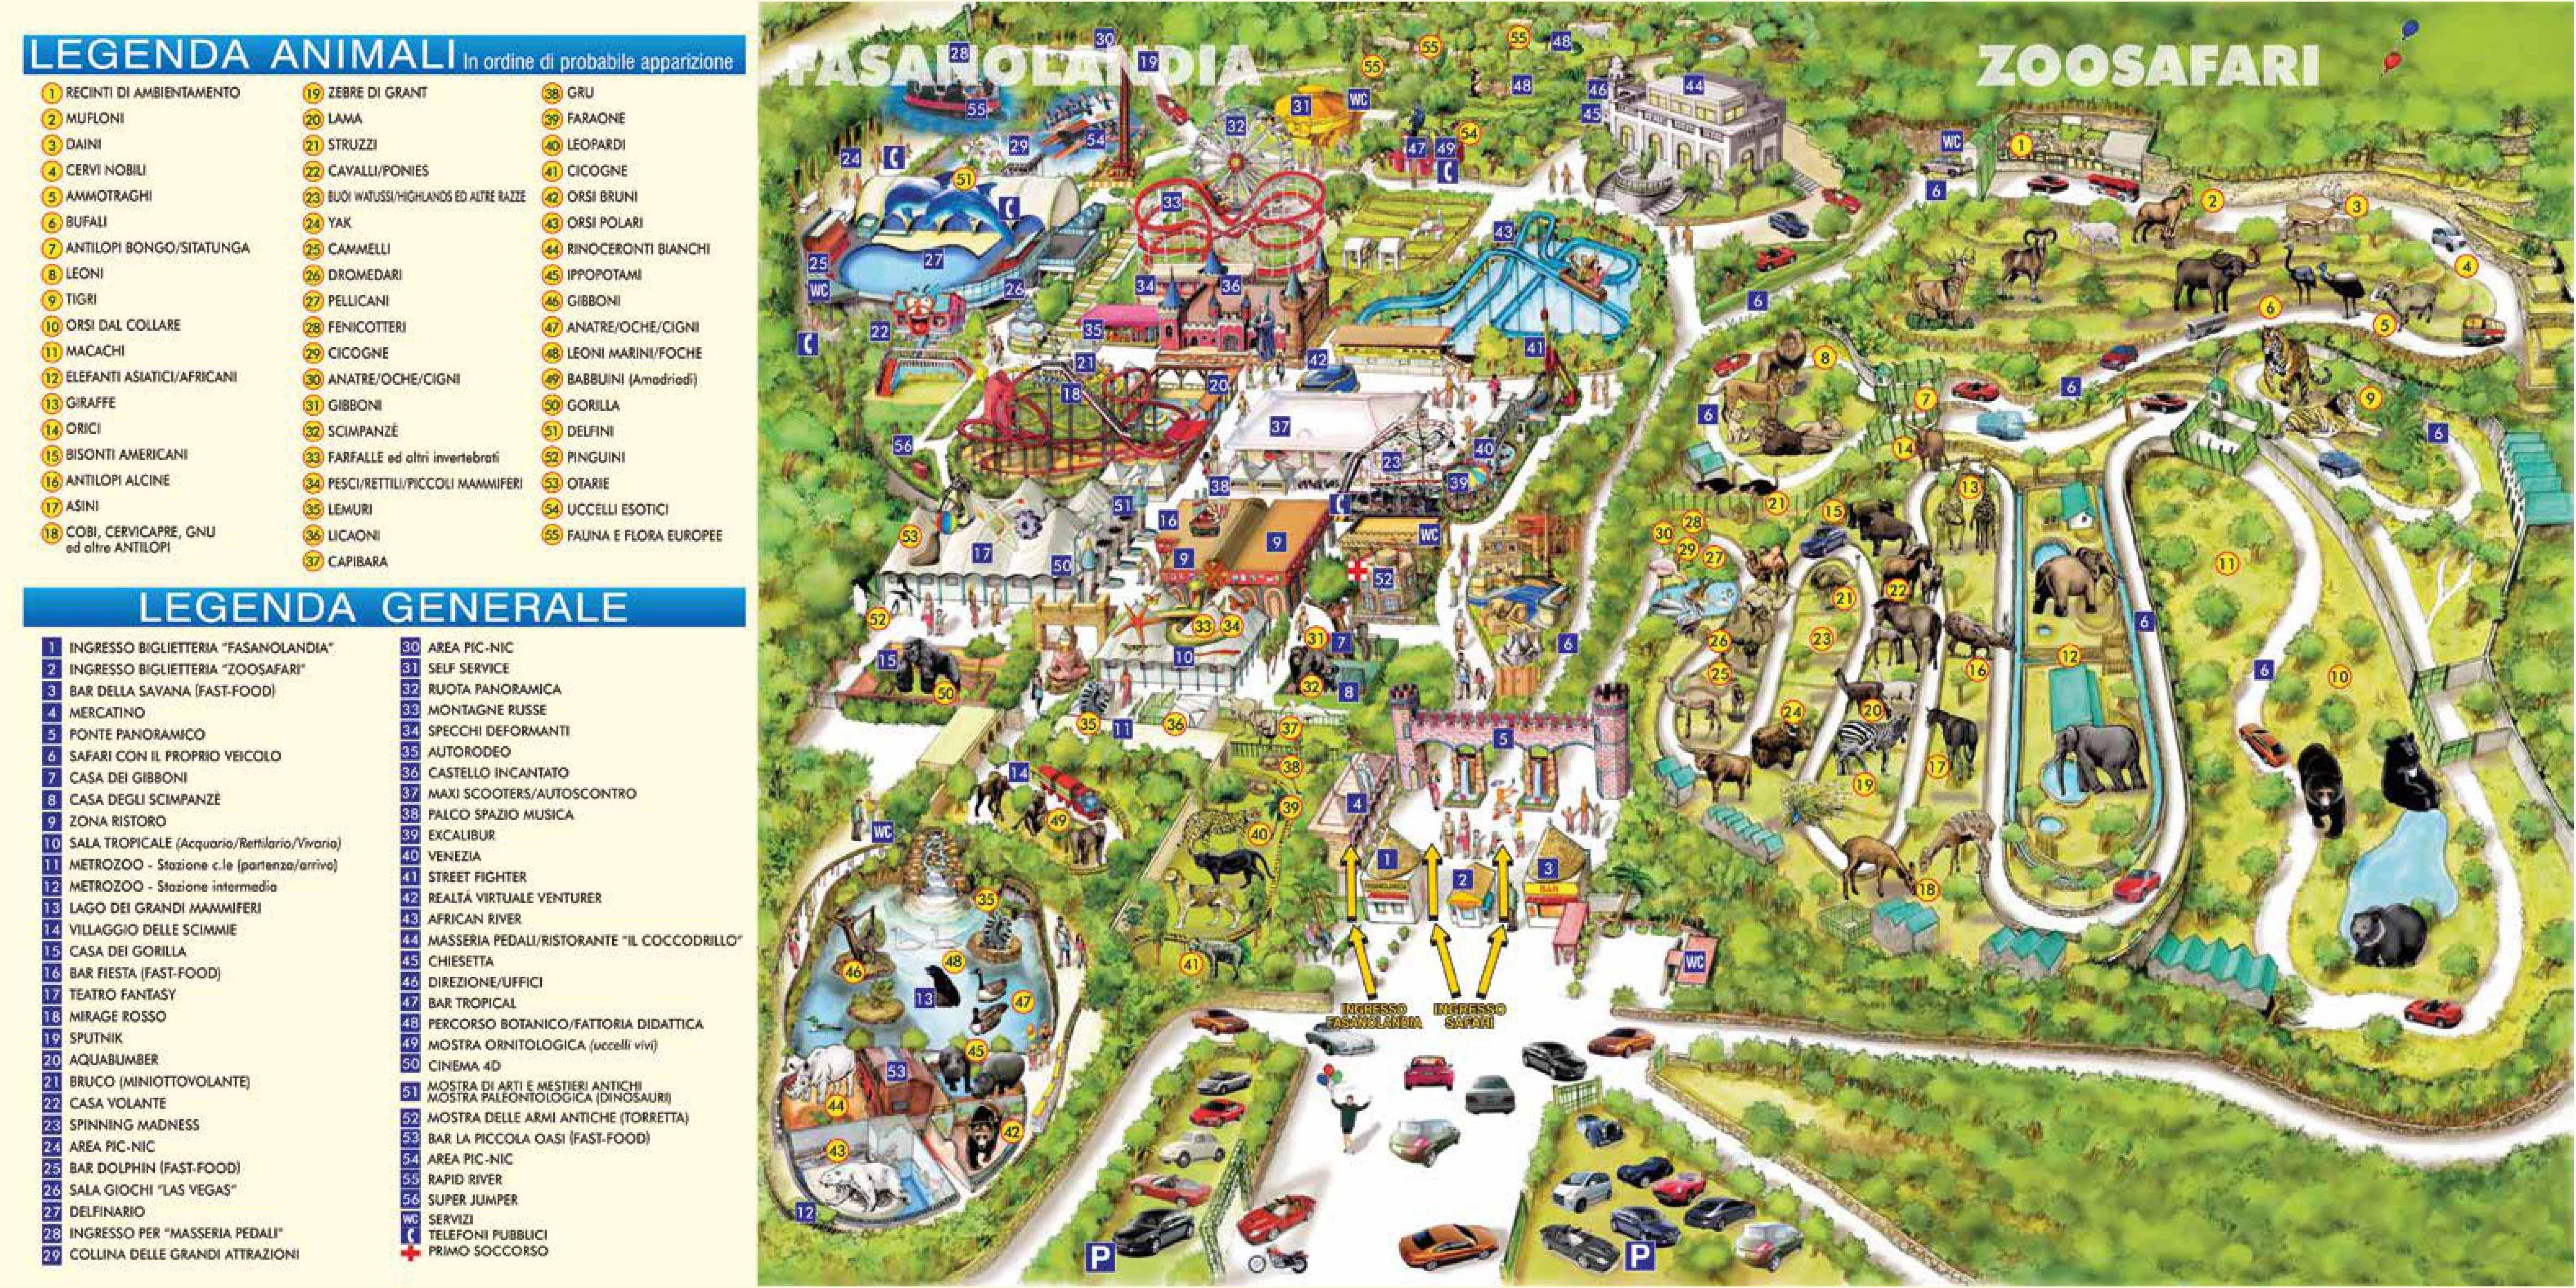 карта зоосафари в Фазано